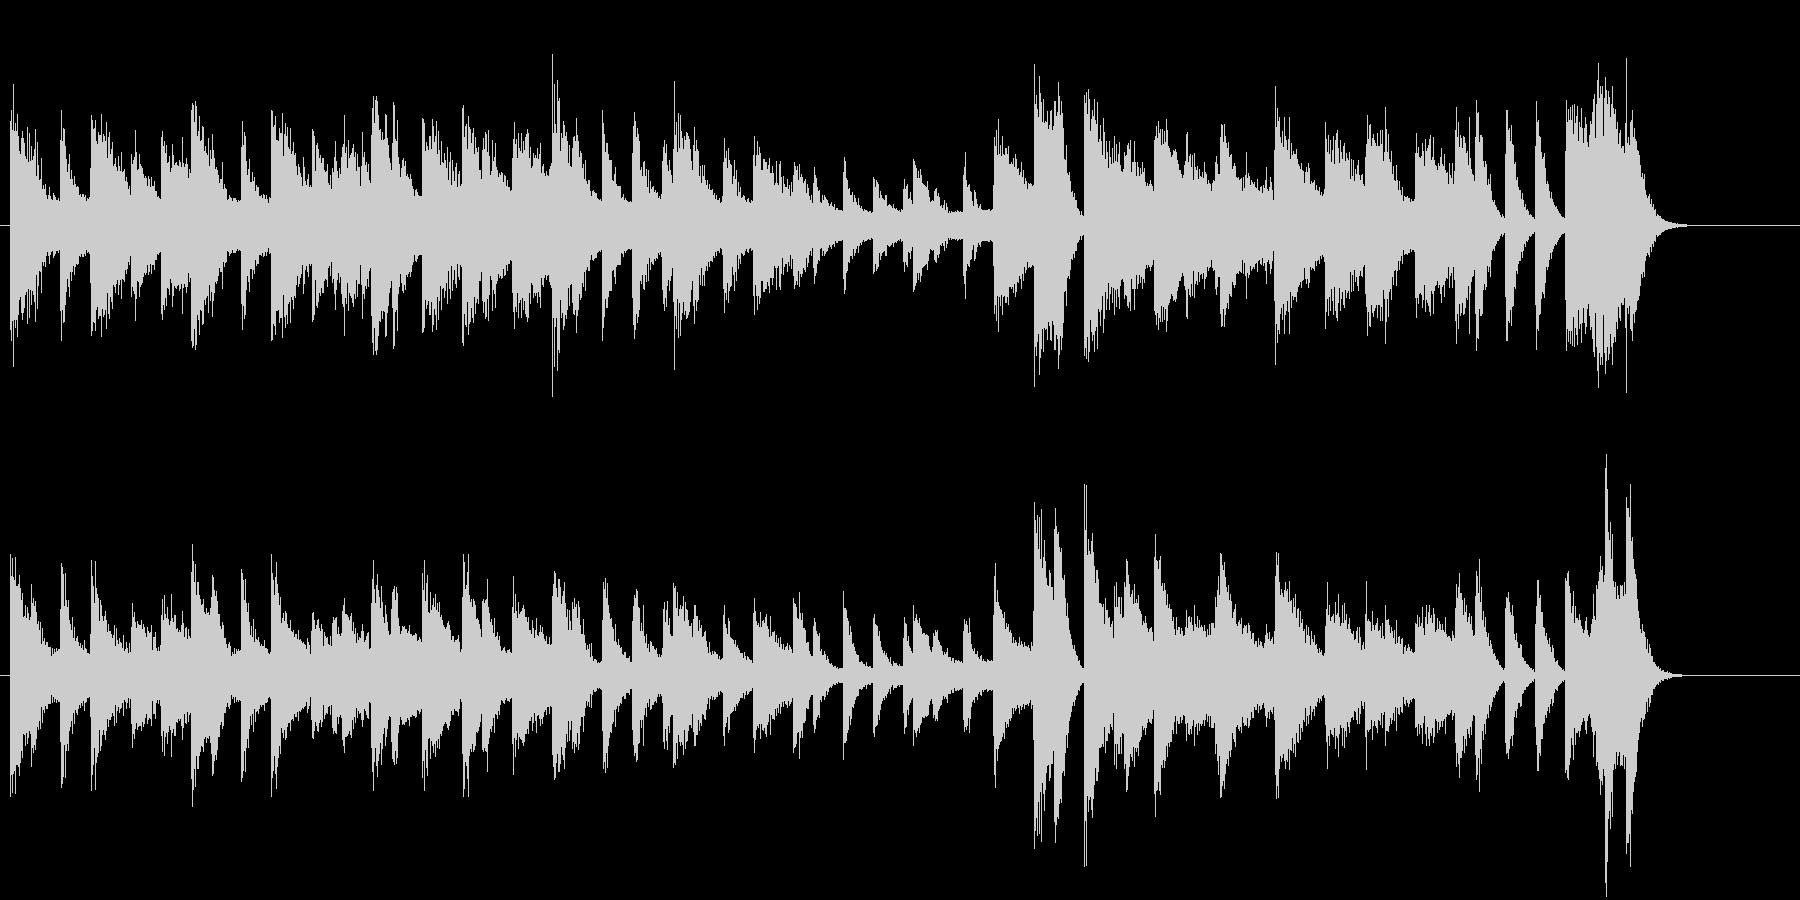 きよしこのよるモチーフのピアノジングルCの未再生の波形